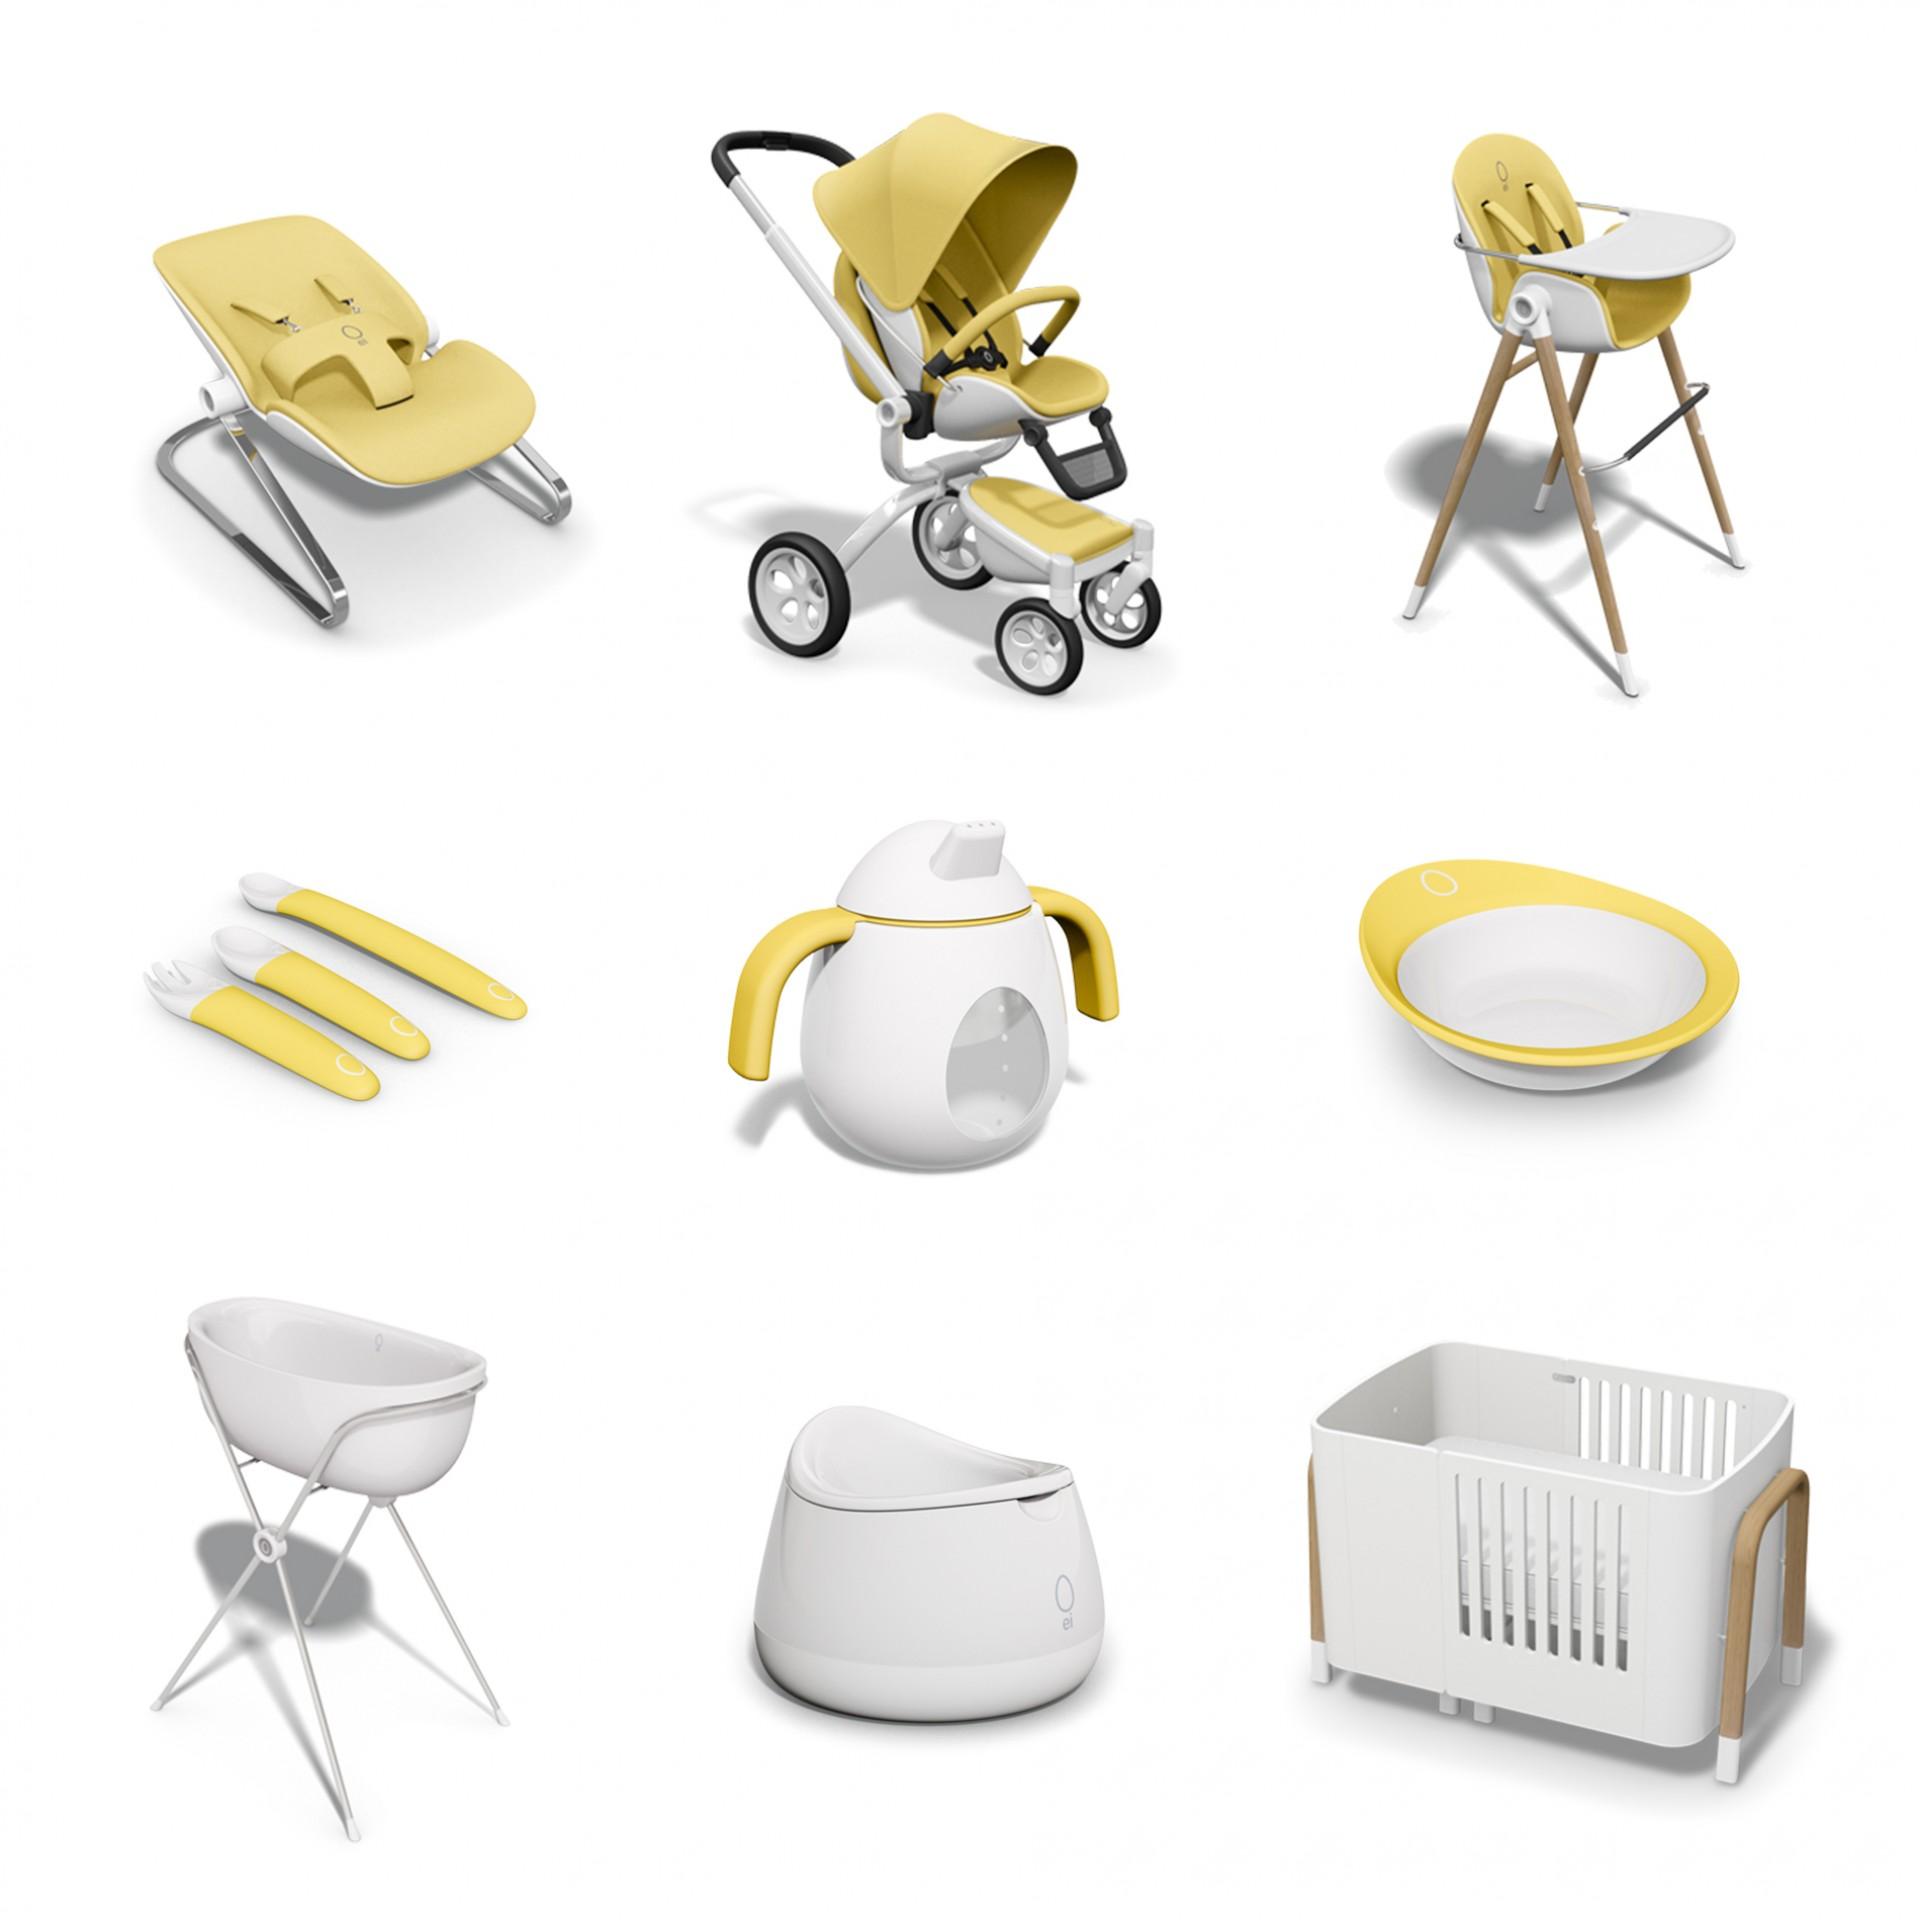 结合中国精湛工艺和荷兰领先设计的婴幼儿品牌